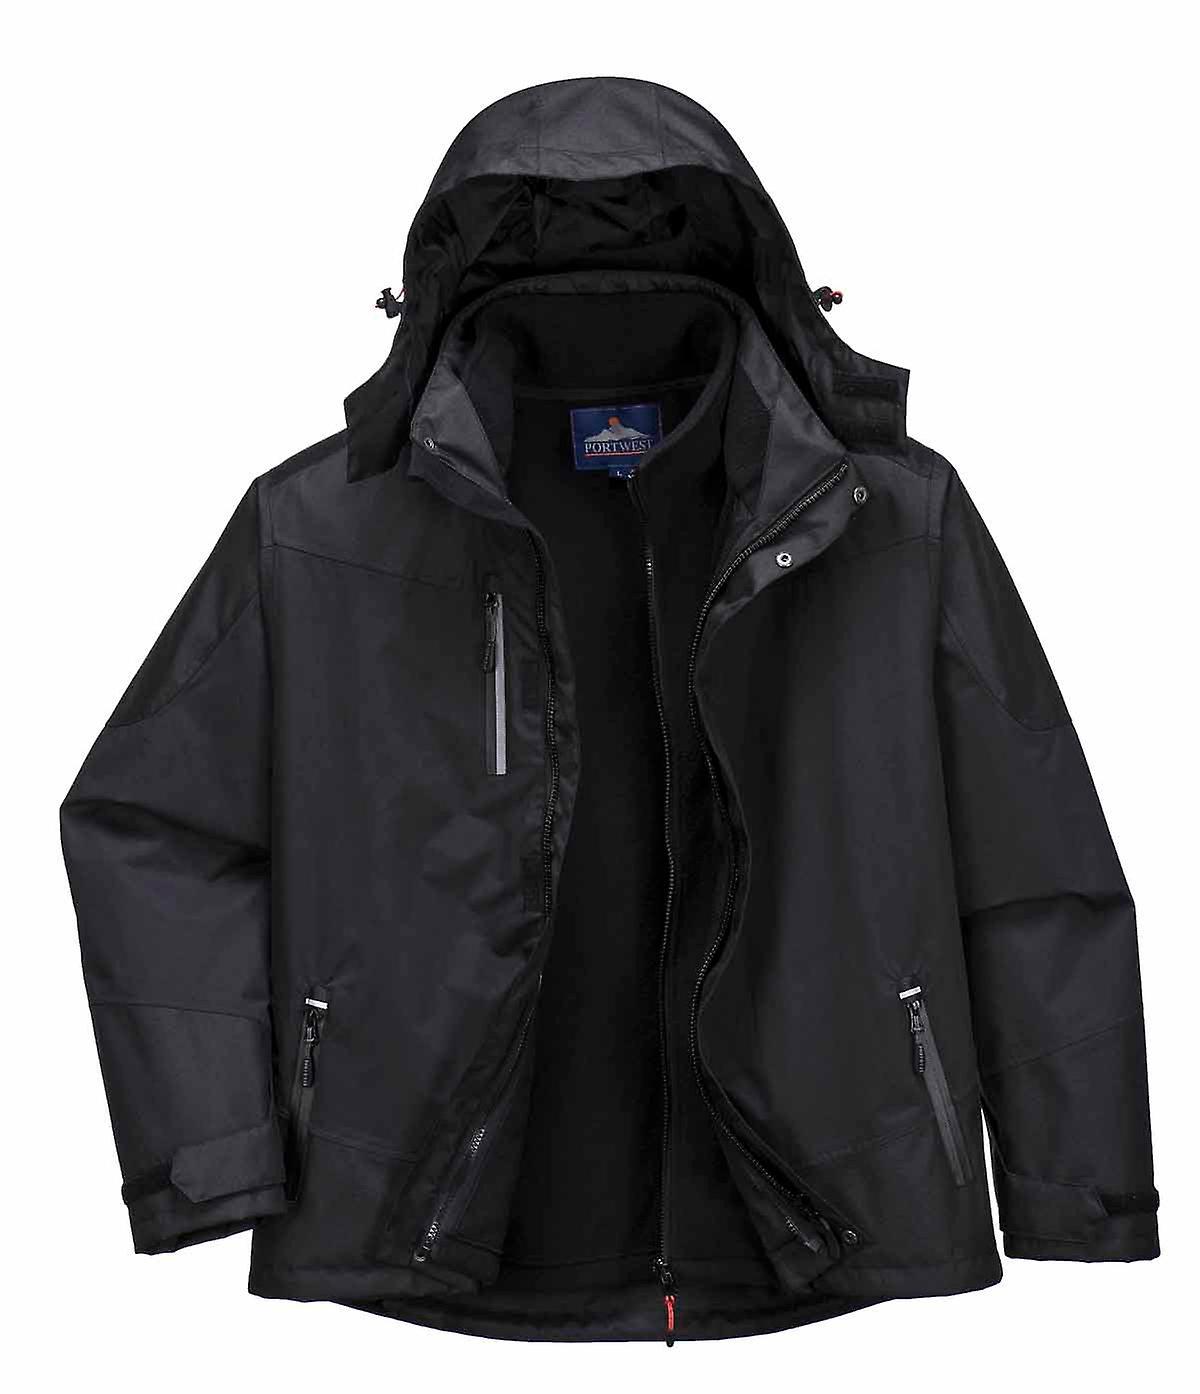 SUw - radiale 3 en 1 veste imperméable de vêteHommests de travail